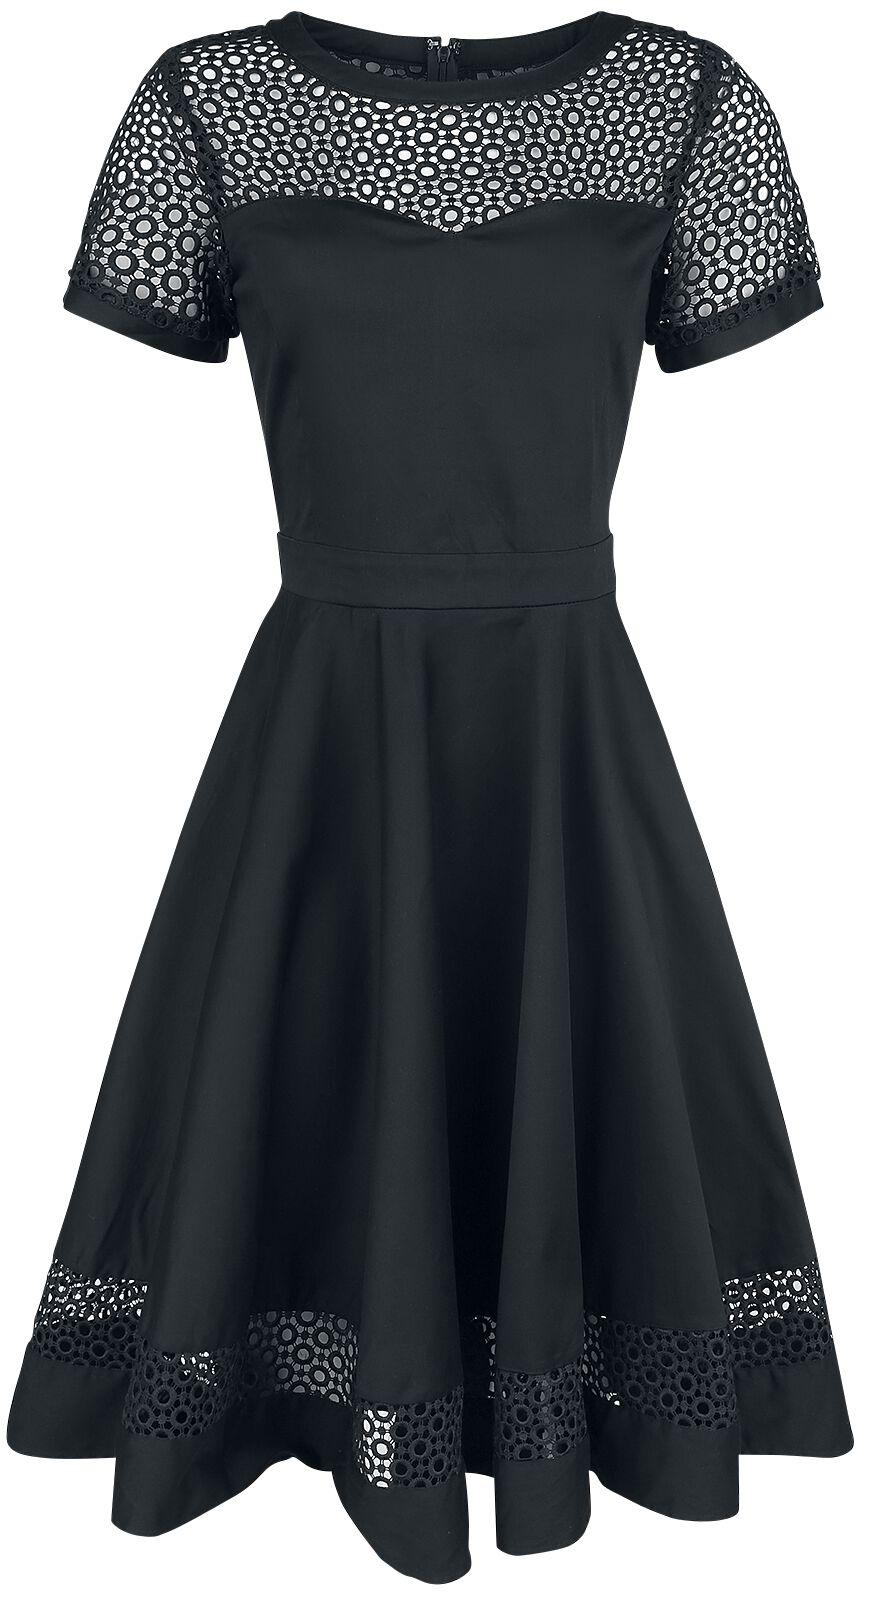 Marki - Sukienki - Sukienka Dolly and Dotty Lace Swing Dress Sukienka czarny - 360772